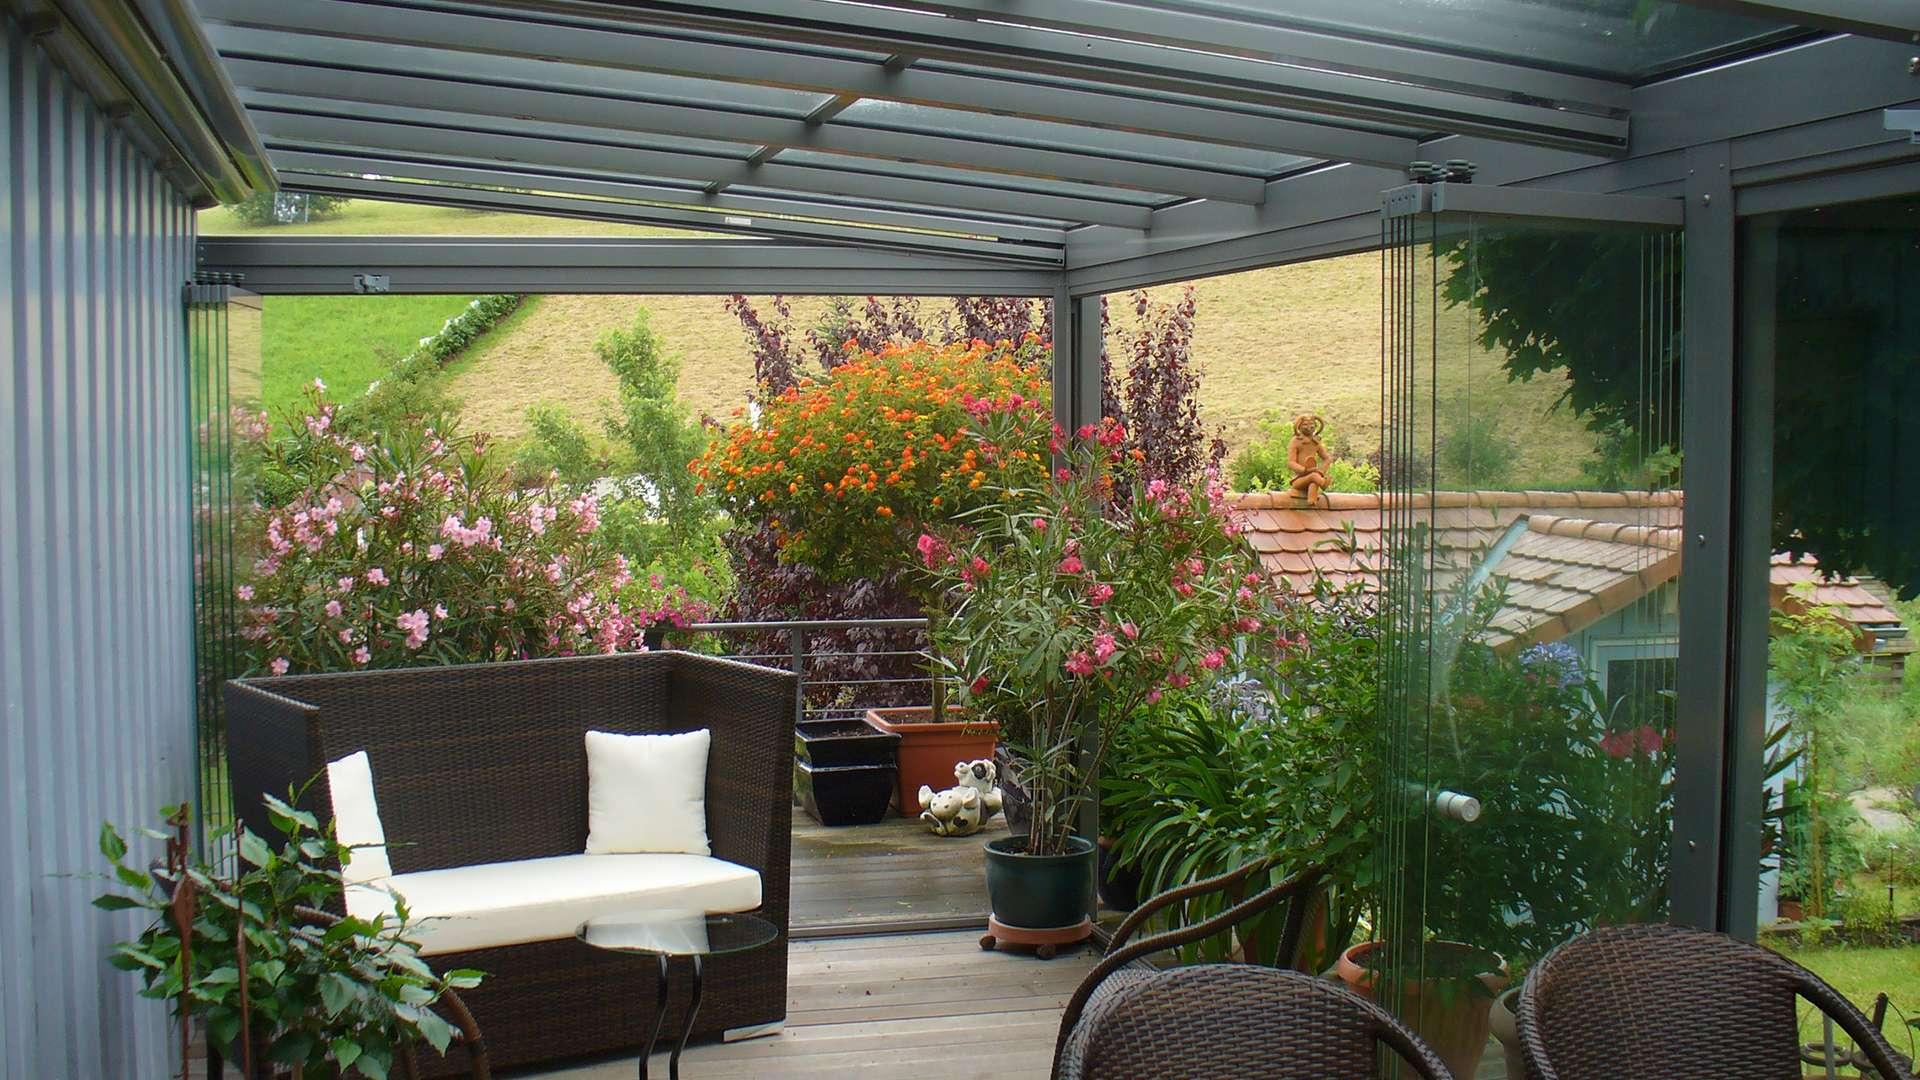 Blick in eine grauen Wintergarten mit Sofa und vielen Pflanzen